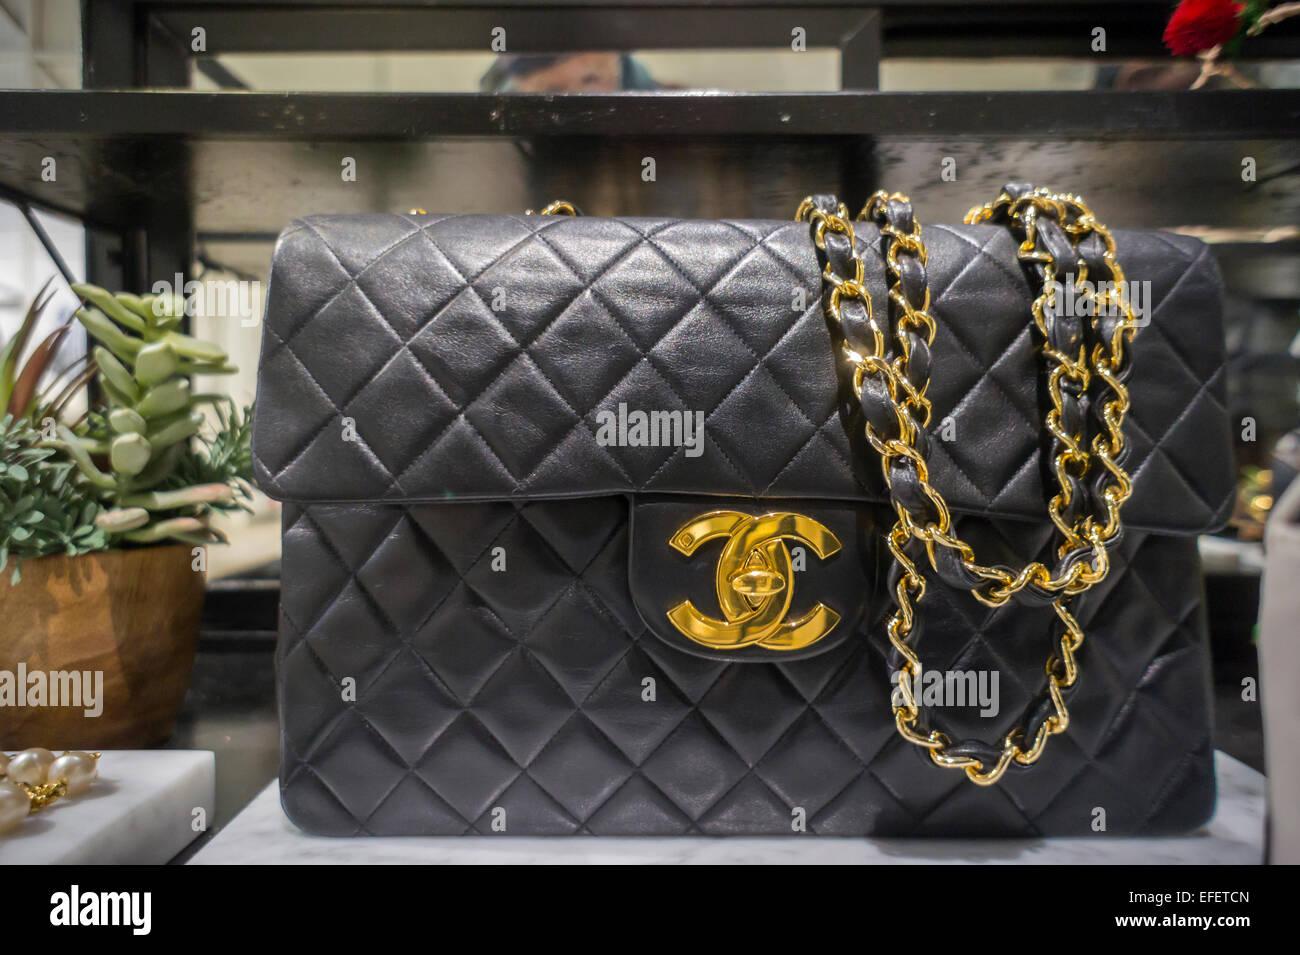 02cfd8b075e9 Chanel Bag Stock Photos   Chanel Bag Stock Images - Alamy